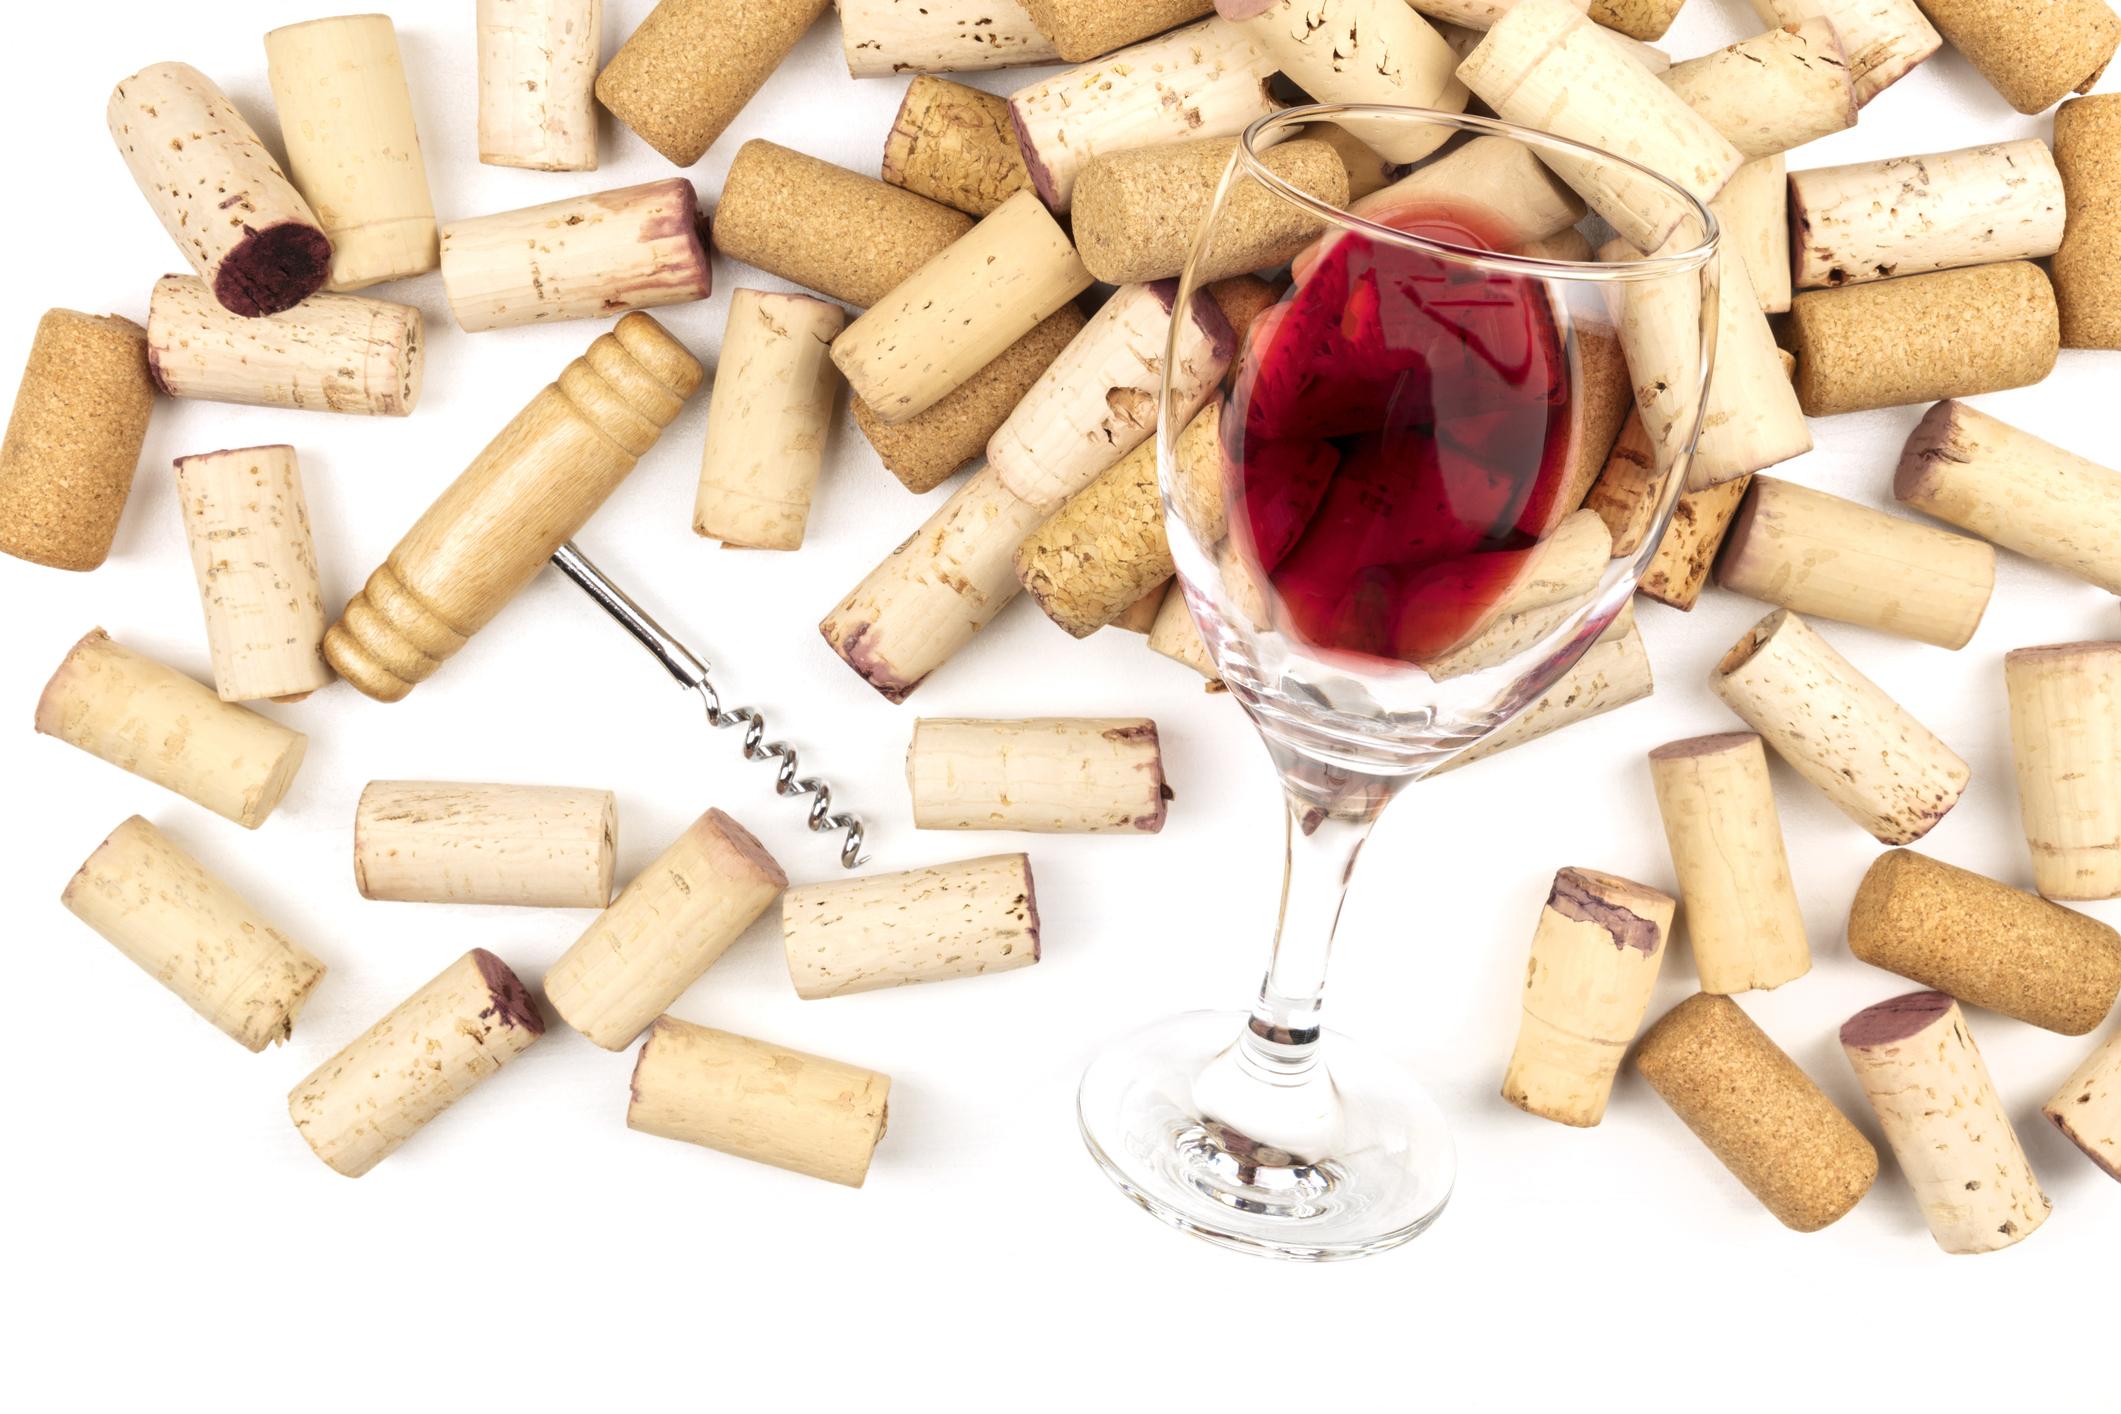 Тапите от виното. Не е нужно да ги пазите, освен ако не ги колекционирате или не подготвяте някаква декорация с тях.